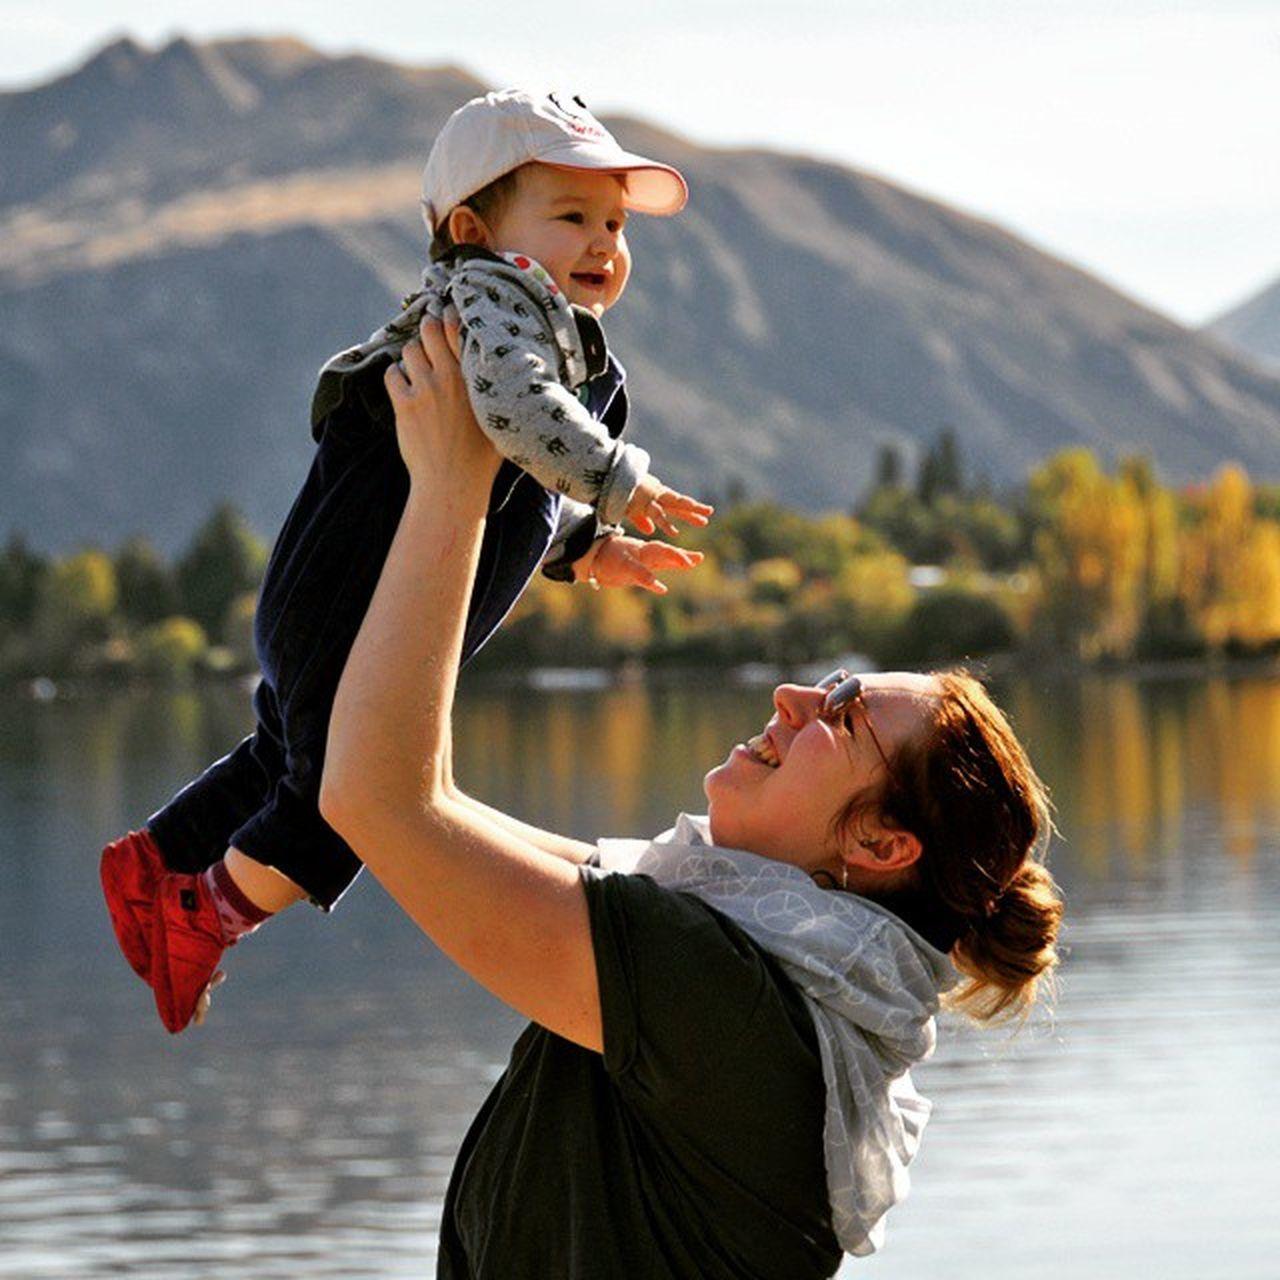 Mit Baby im Camper durch Neuseeland zu touren. Das war für uns Freiheit! Britaxbefree @britax_roemer_deutschland Darf man mehr als ein Foto hochladen?